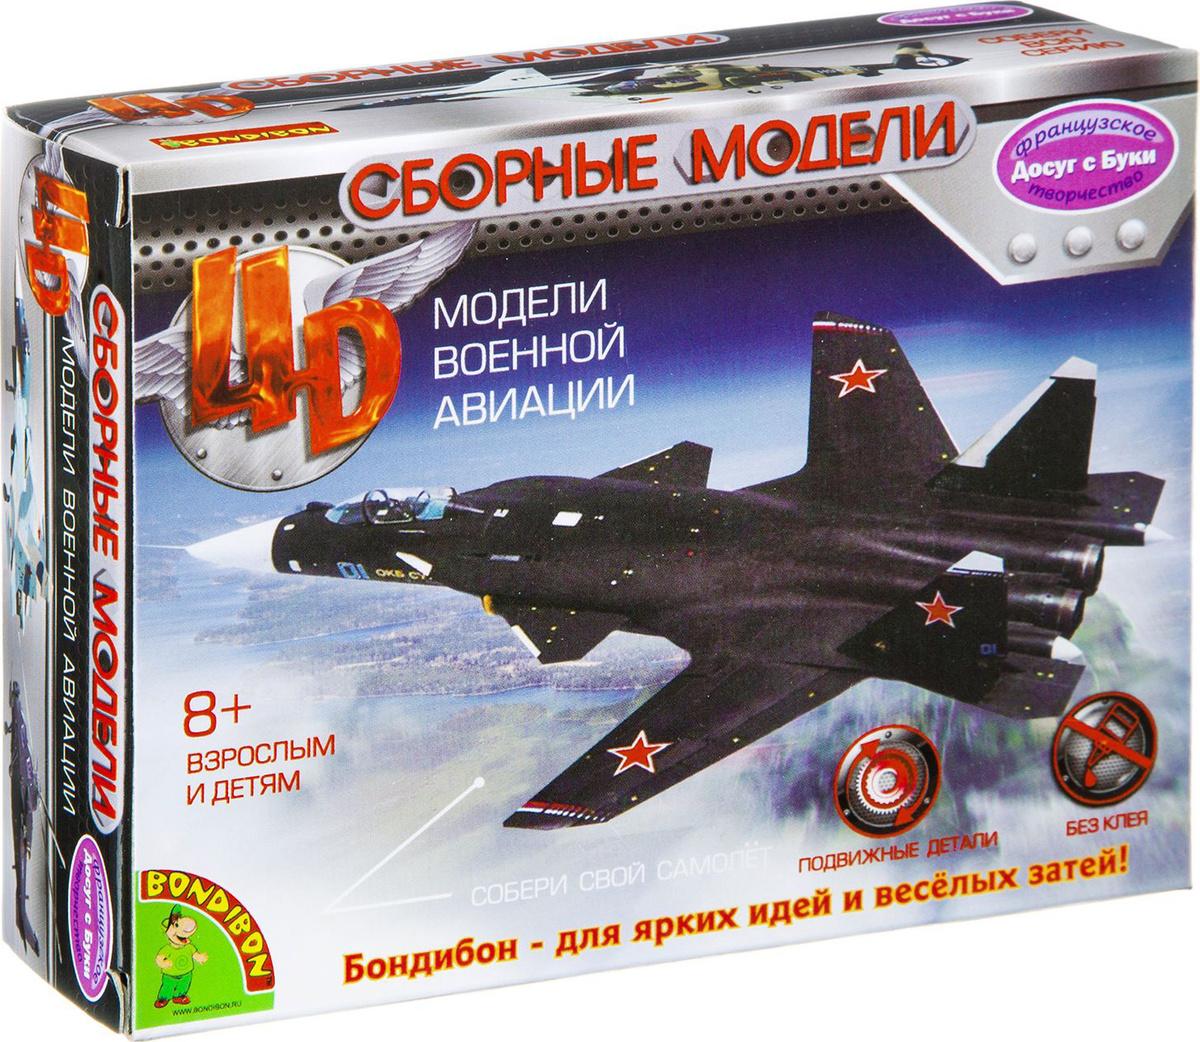 Сборная 4D модель самолета Воndibon, 36 деталей. ВВ2541 #1